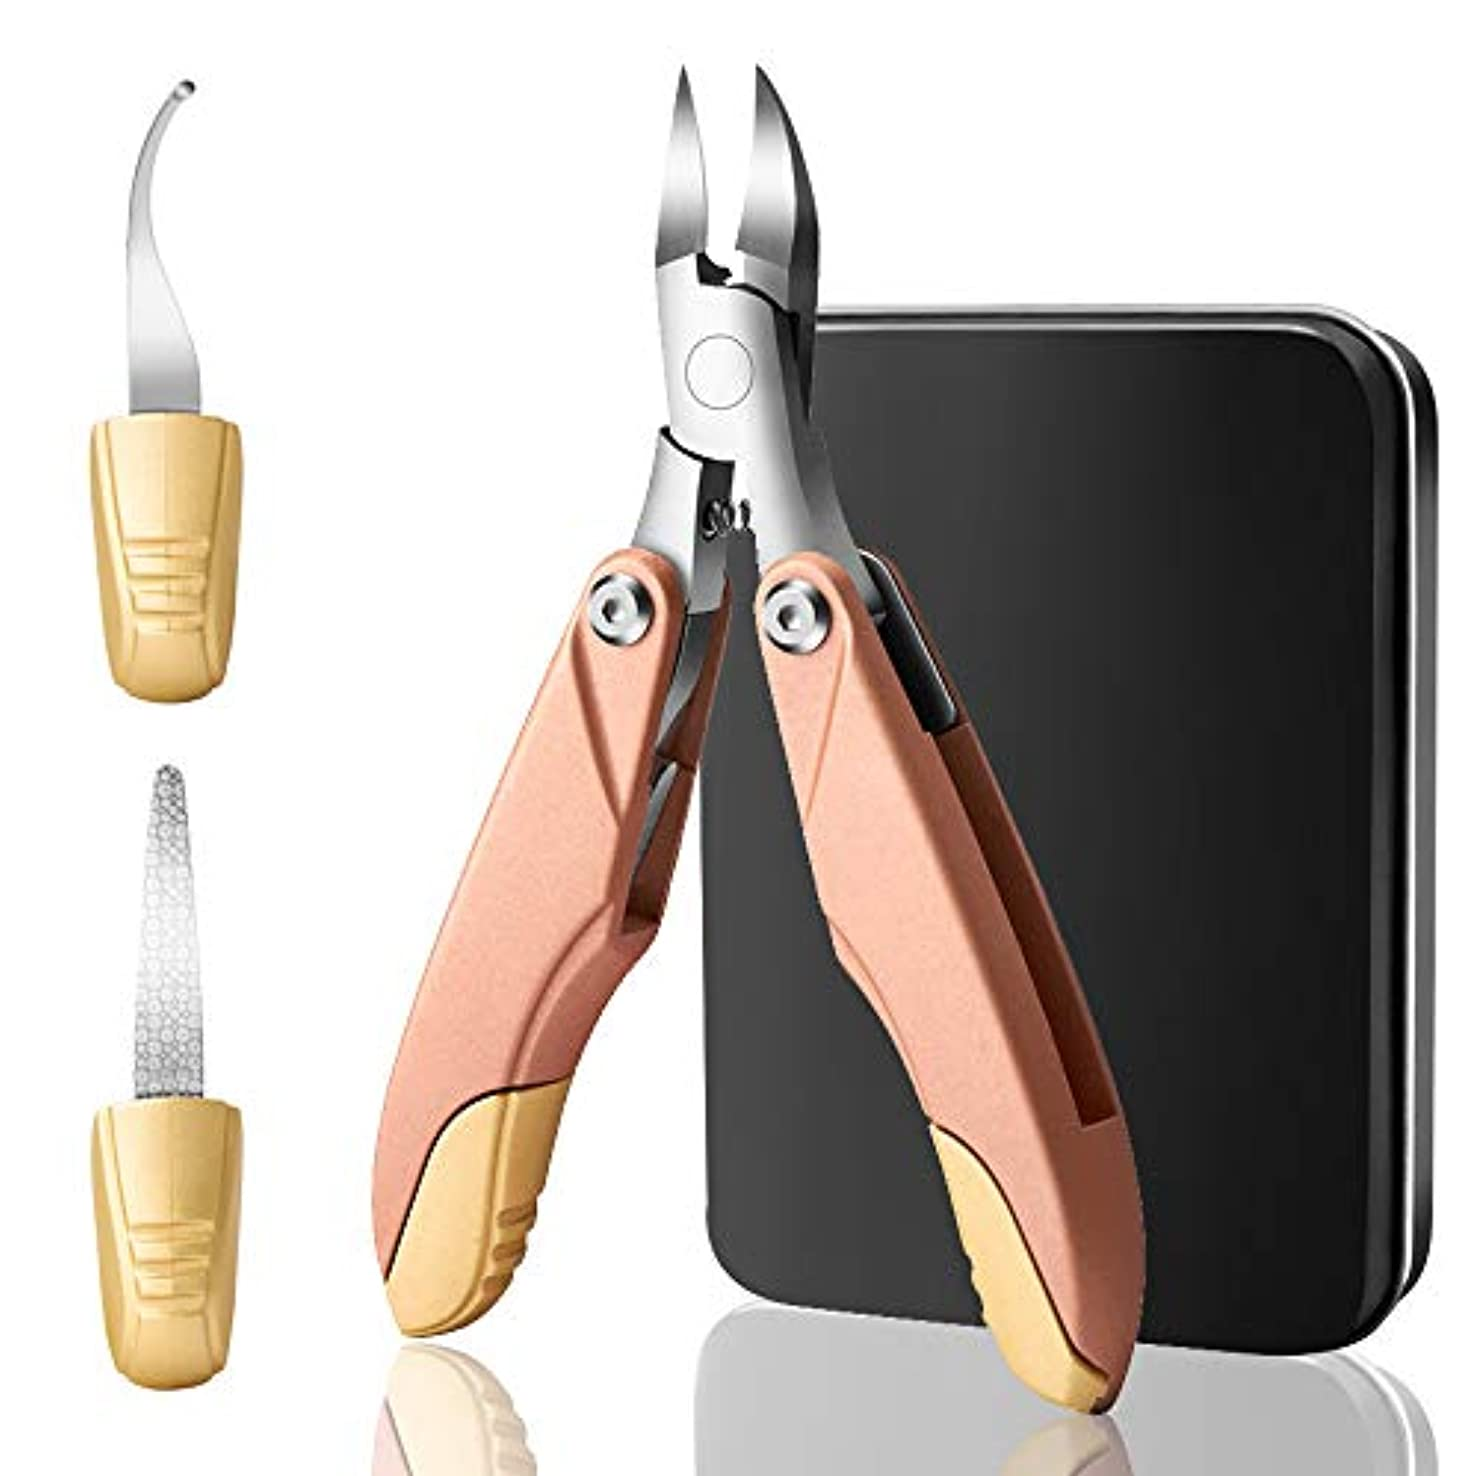 行商はちみつ類似性YunTech 爪切り3in1 ニッパー爪切り ステンレス製 折り畳み式 巻き爪 硬い爪などにも対応 ゾンデ/爪やすり付き 手足兼用 収納ケース付き (ローズゴールド)